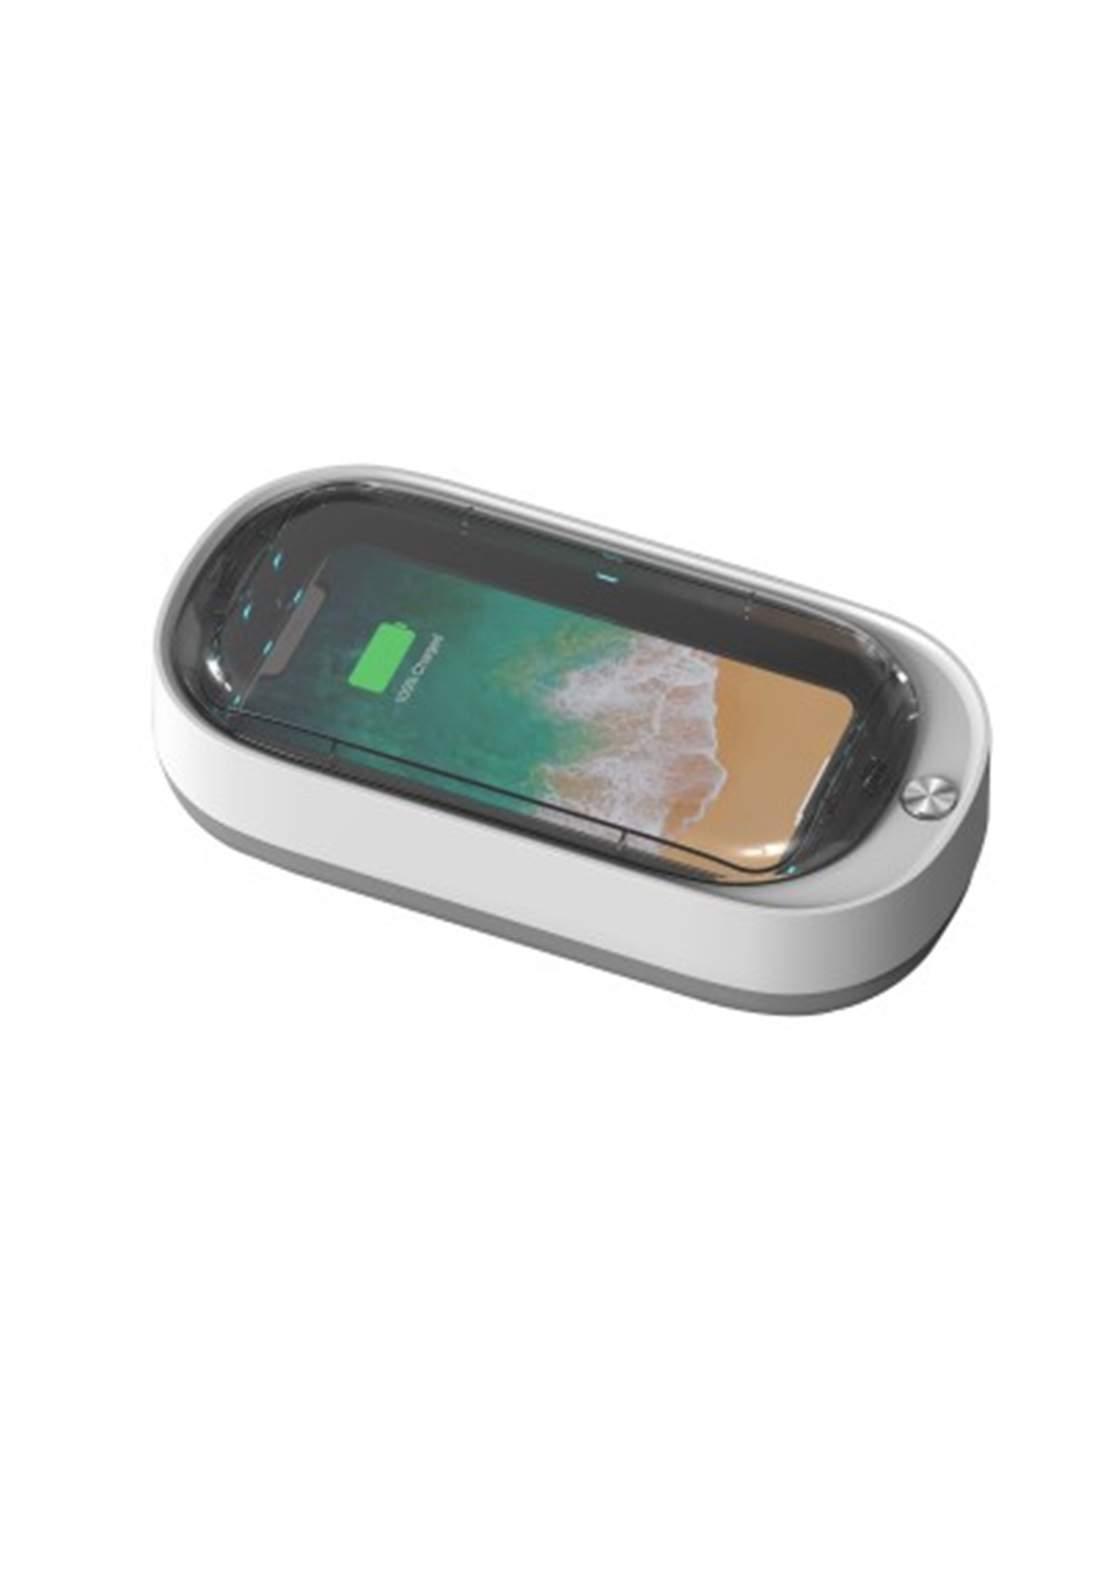 Havit HV-P10 UV Sterilizer Box with 15W Wireless Charger صندوق معقم مع شاحن لاسلكي